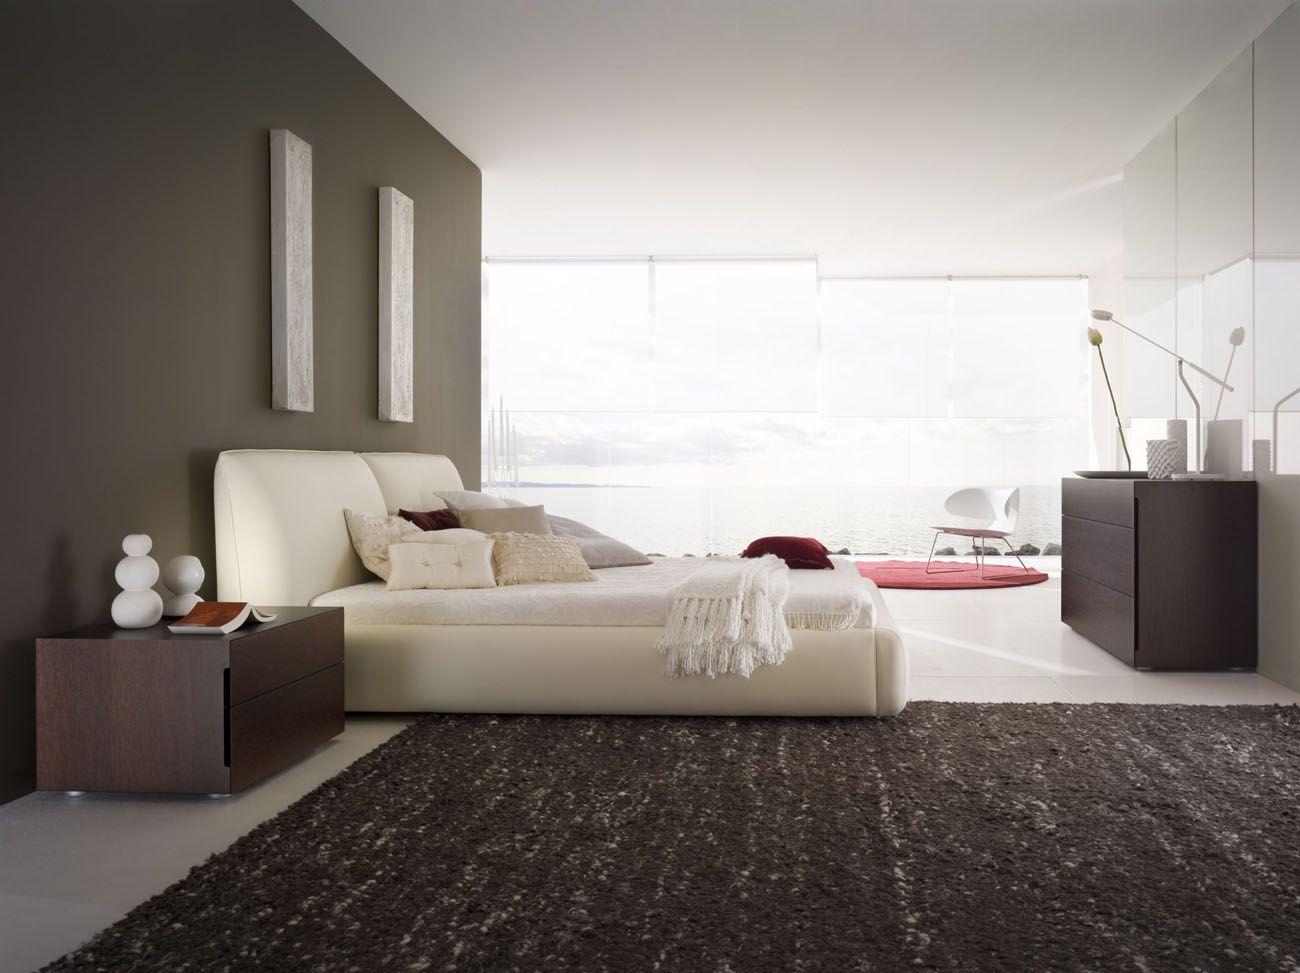 platform beds denver   platform bedroom loft platform  - made in italy leather modern platform bed denver colorado rspav platform bedbroyhill of denver platform